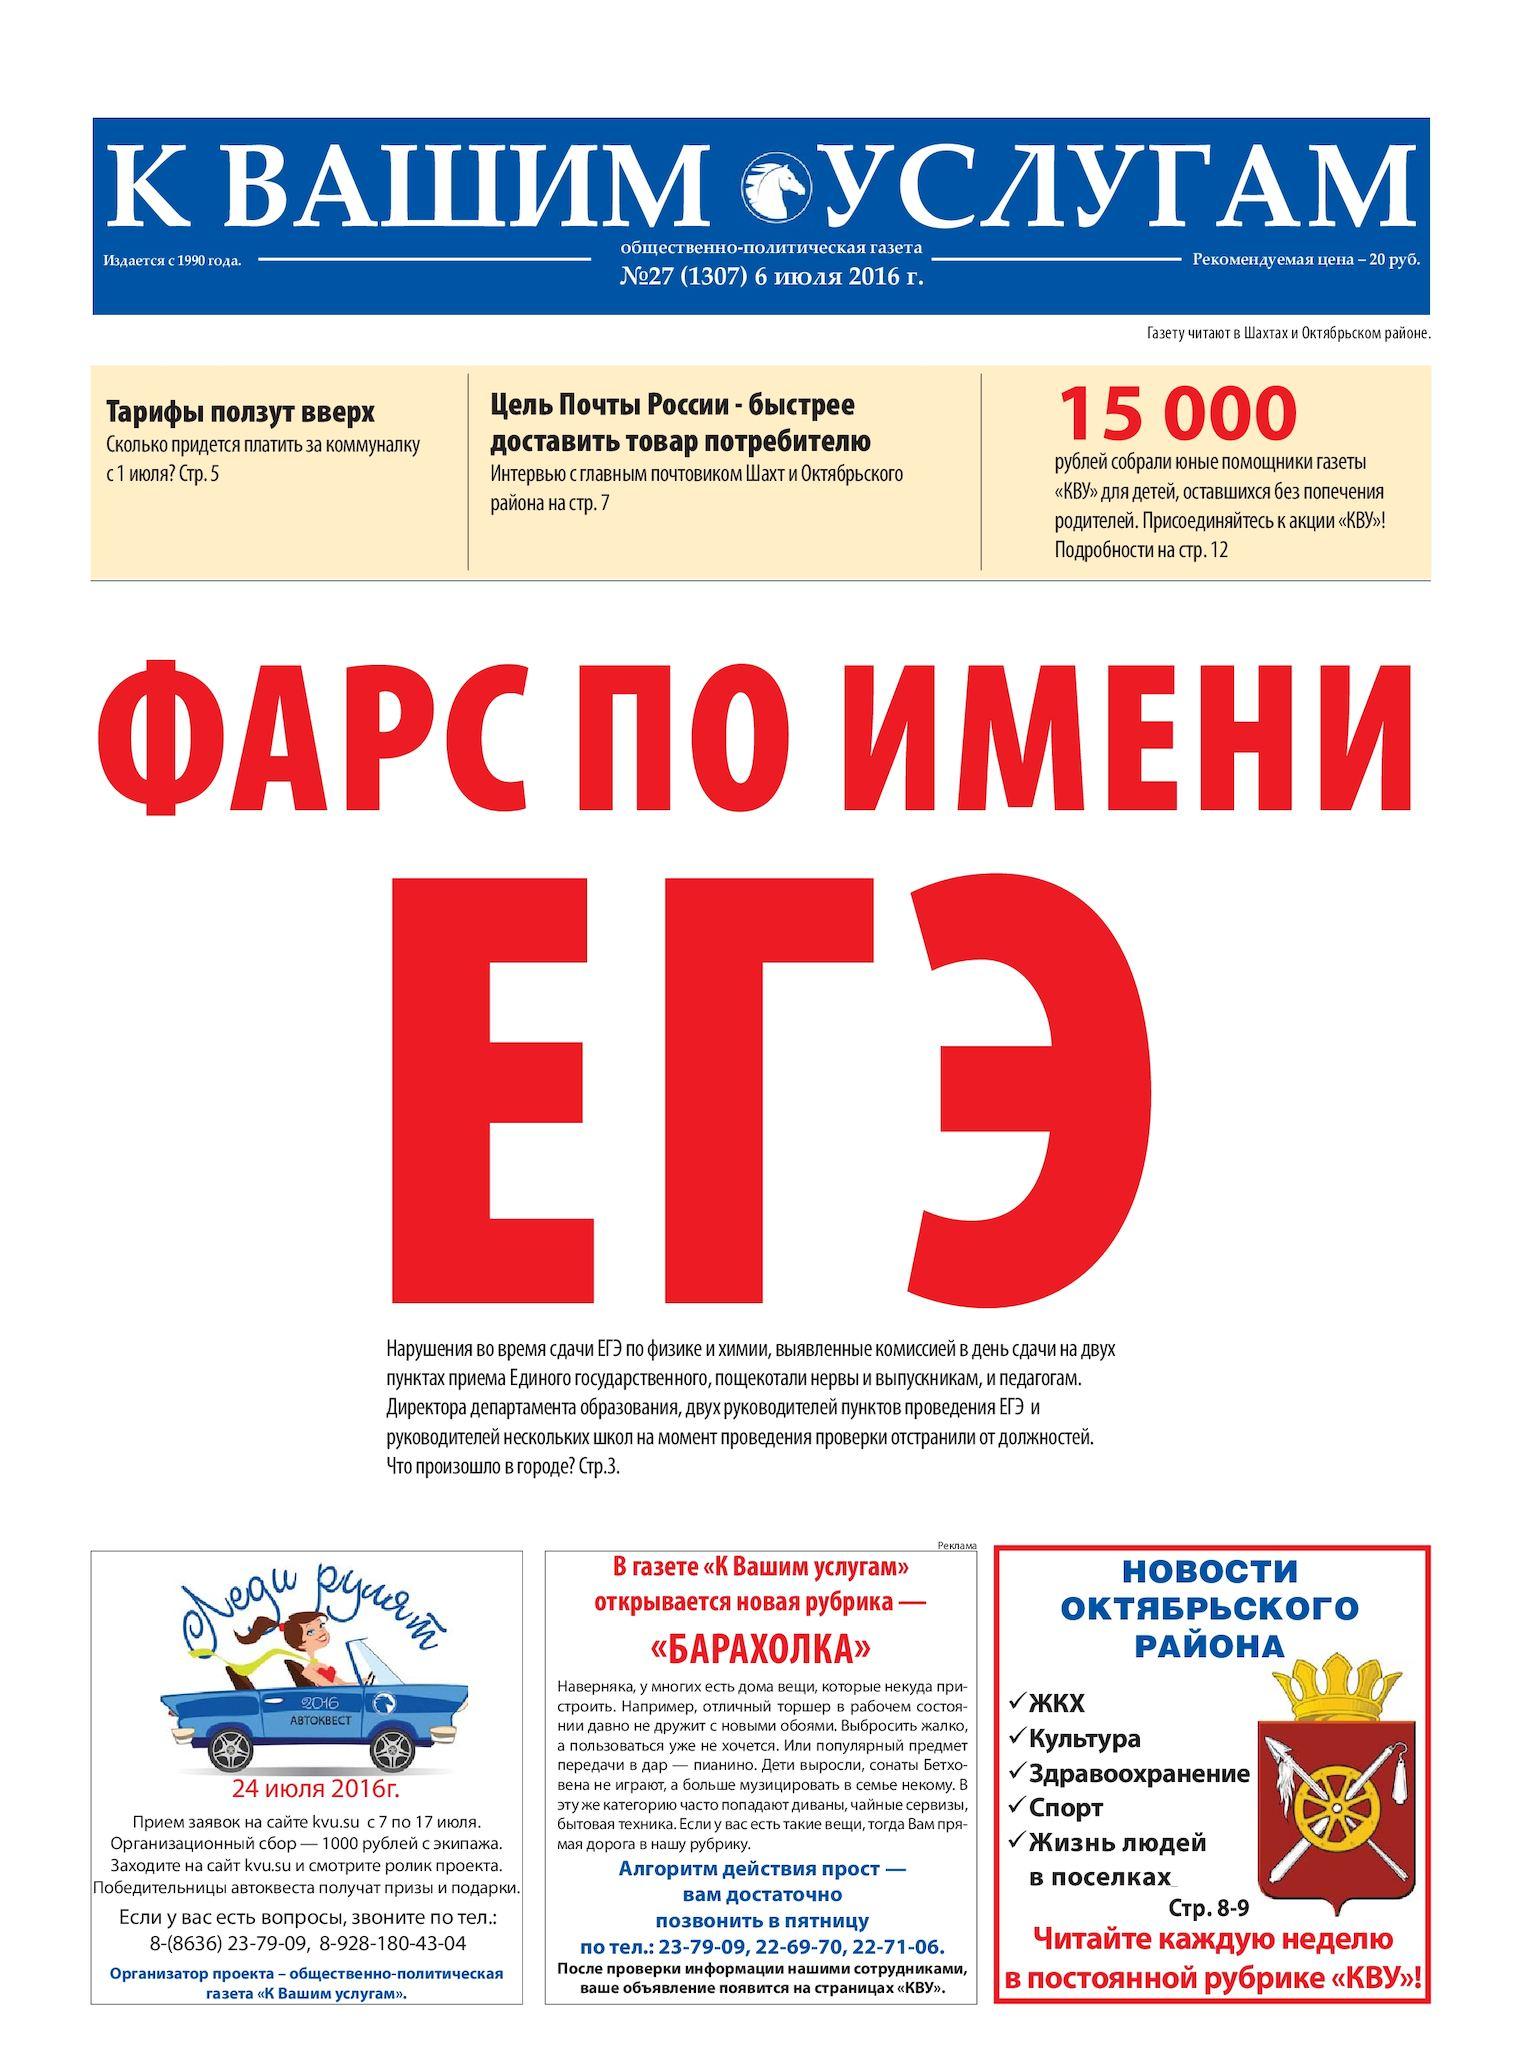 Займ под залог авто в Москве, ПТС, СТС и паспорт